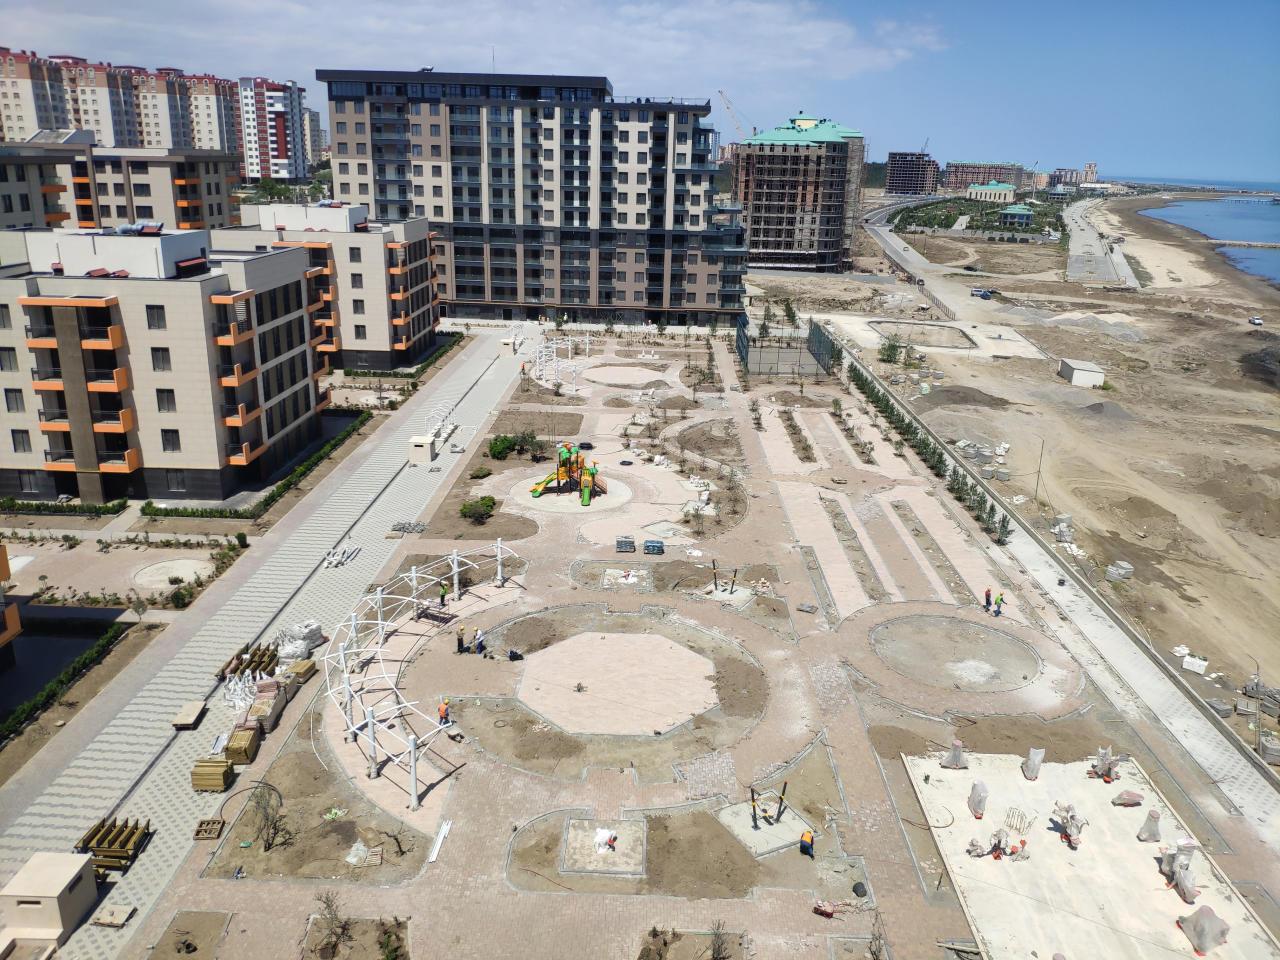 Курортный жилой комплекс вводится в эксплуатацию (R)